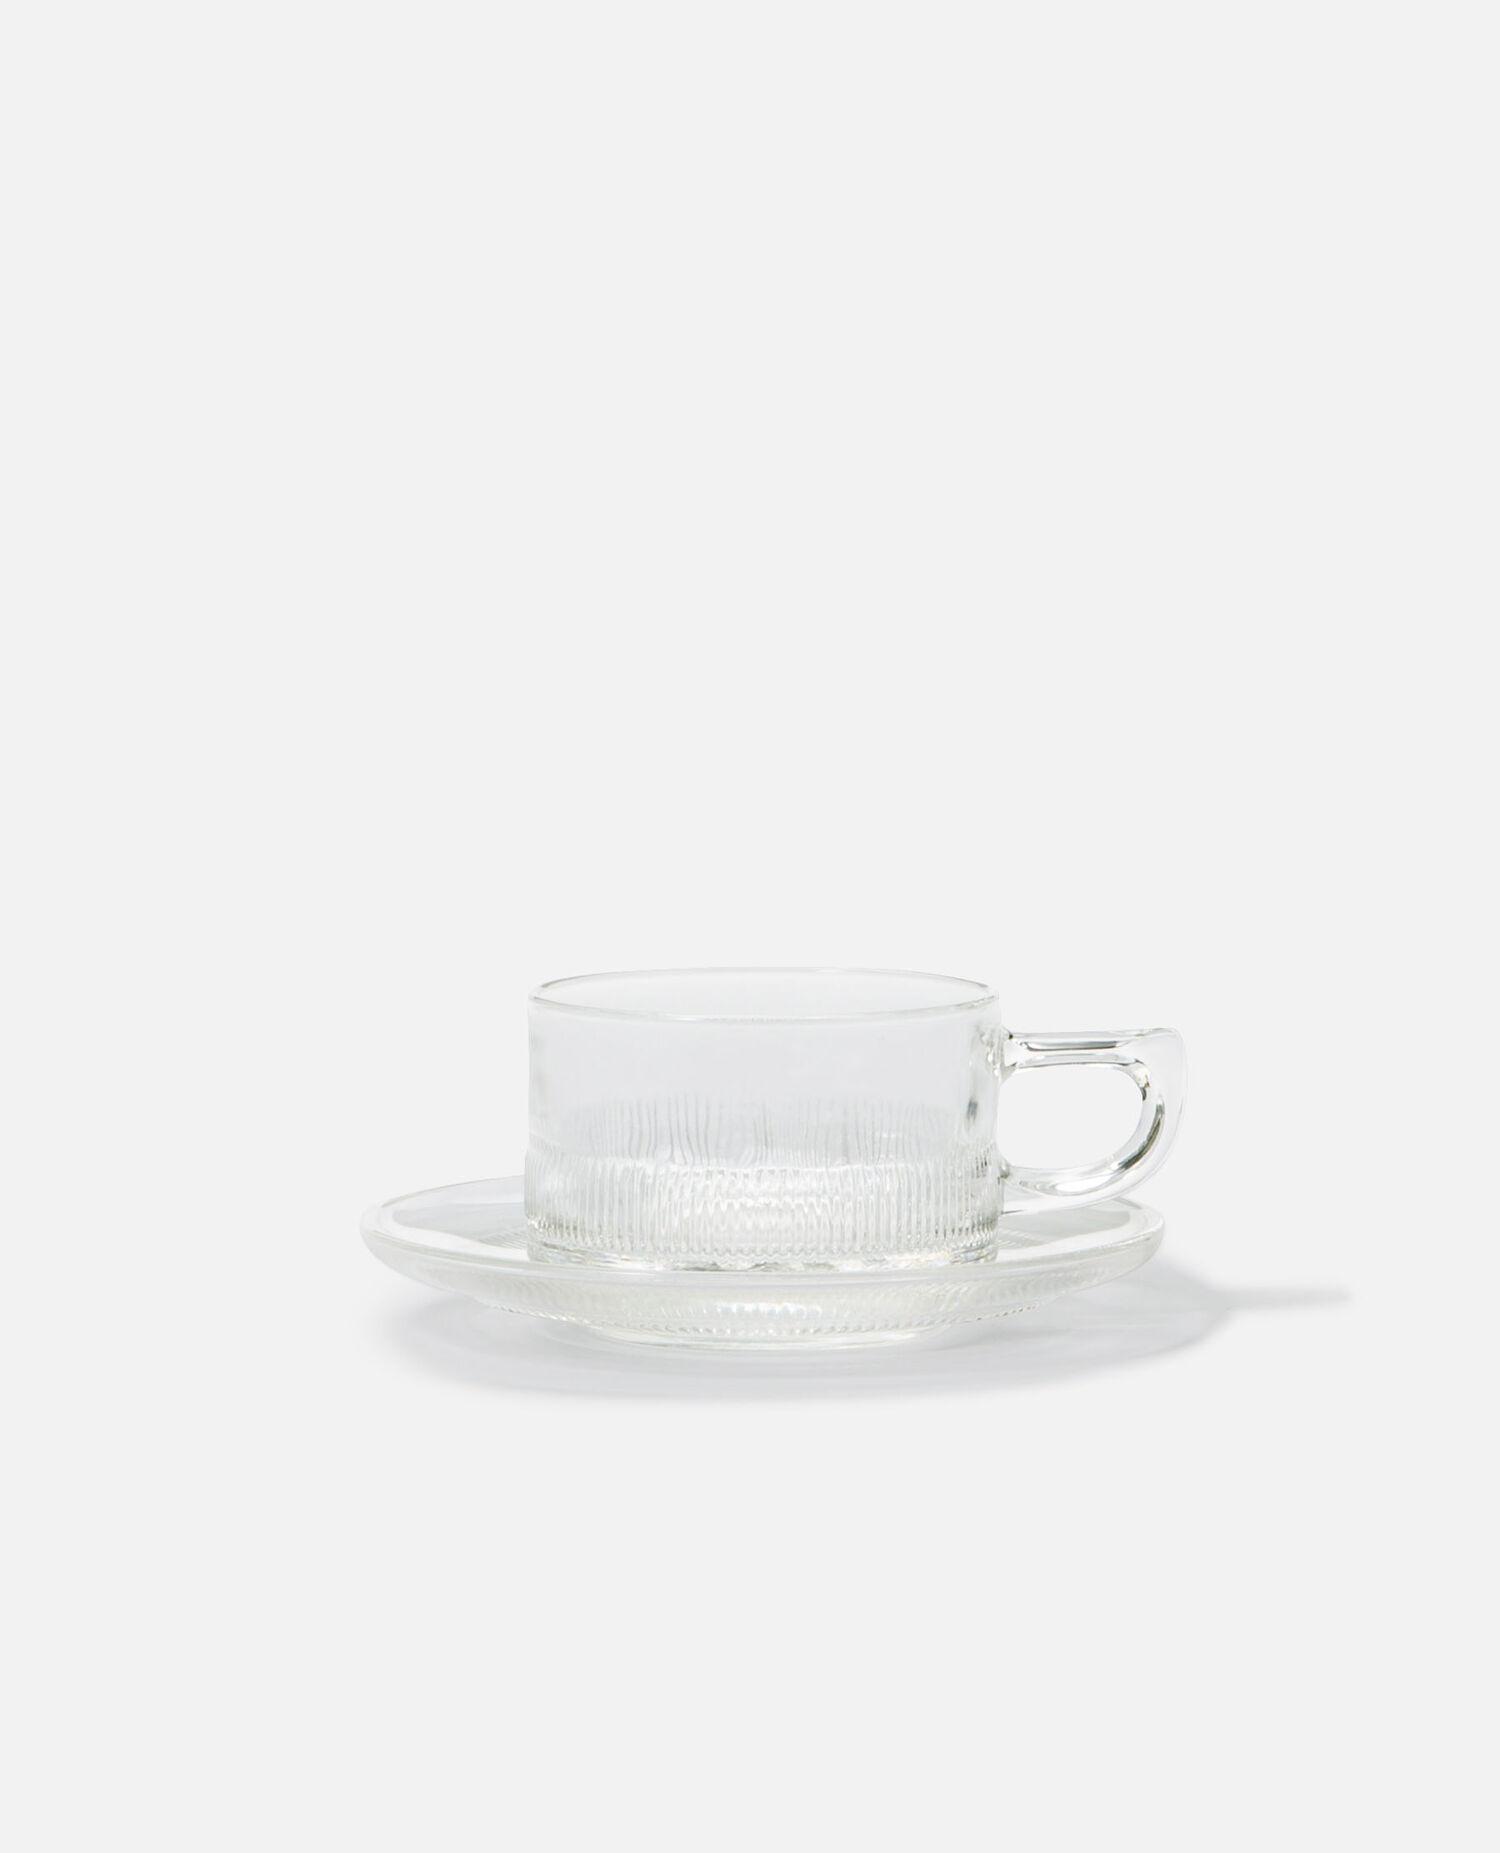 耐熱性カップ&ソーサー